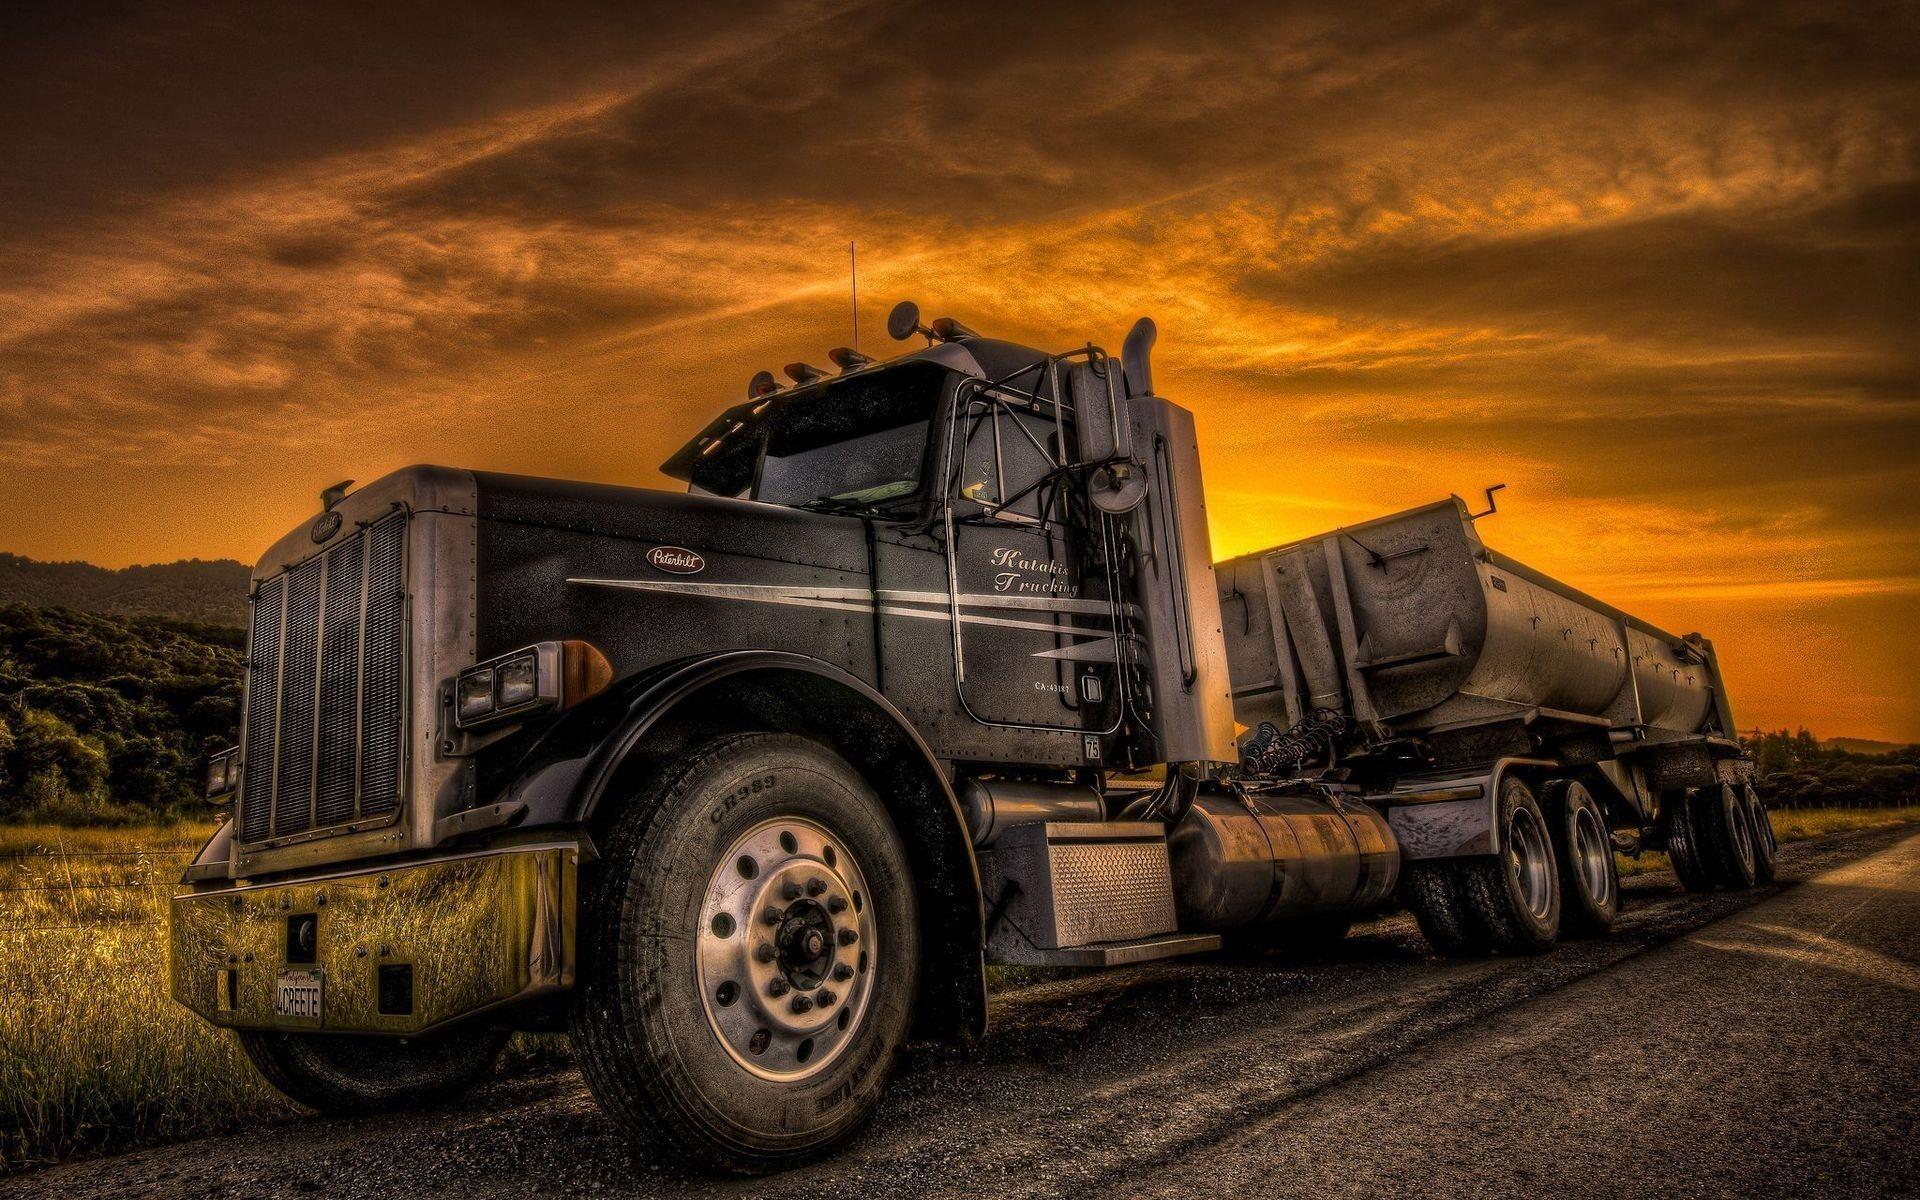 trucks pic hd